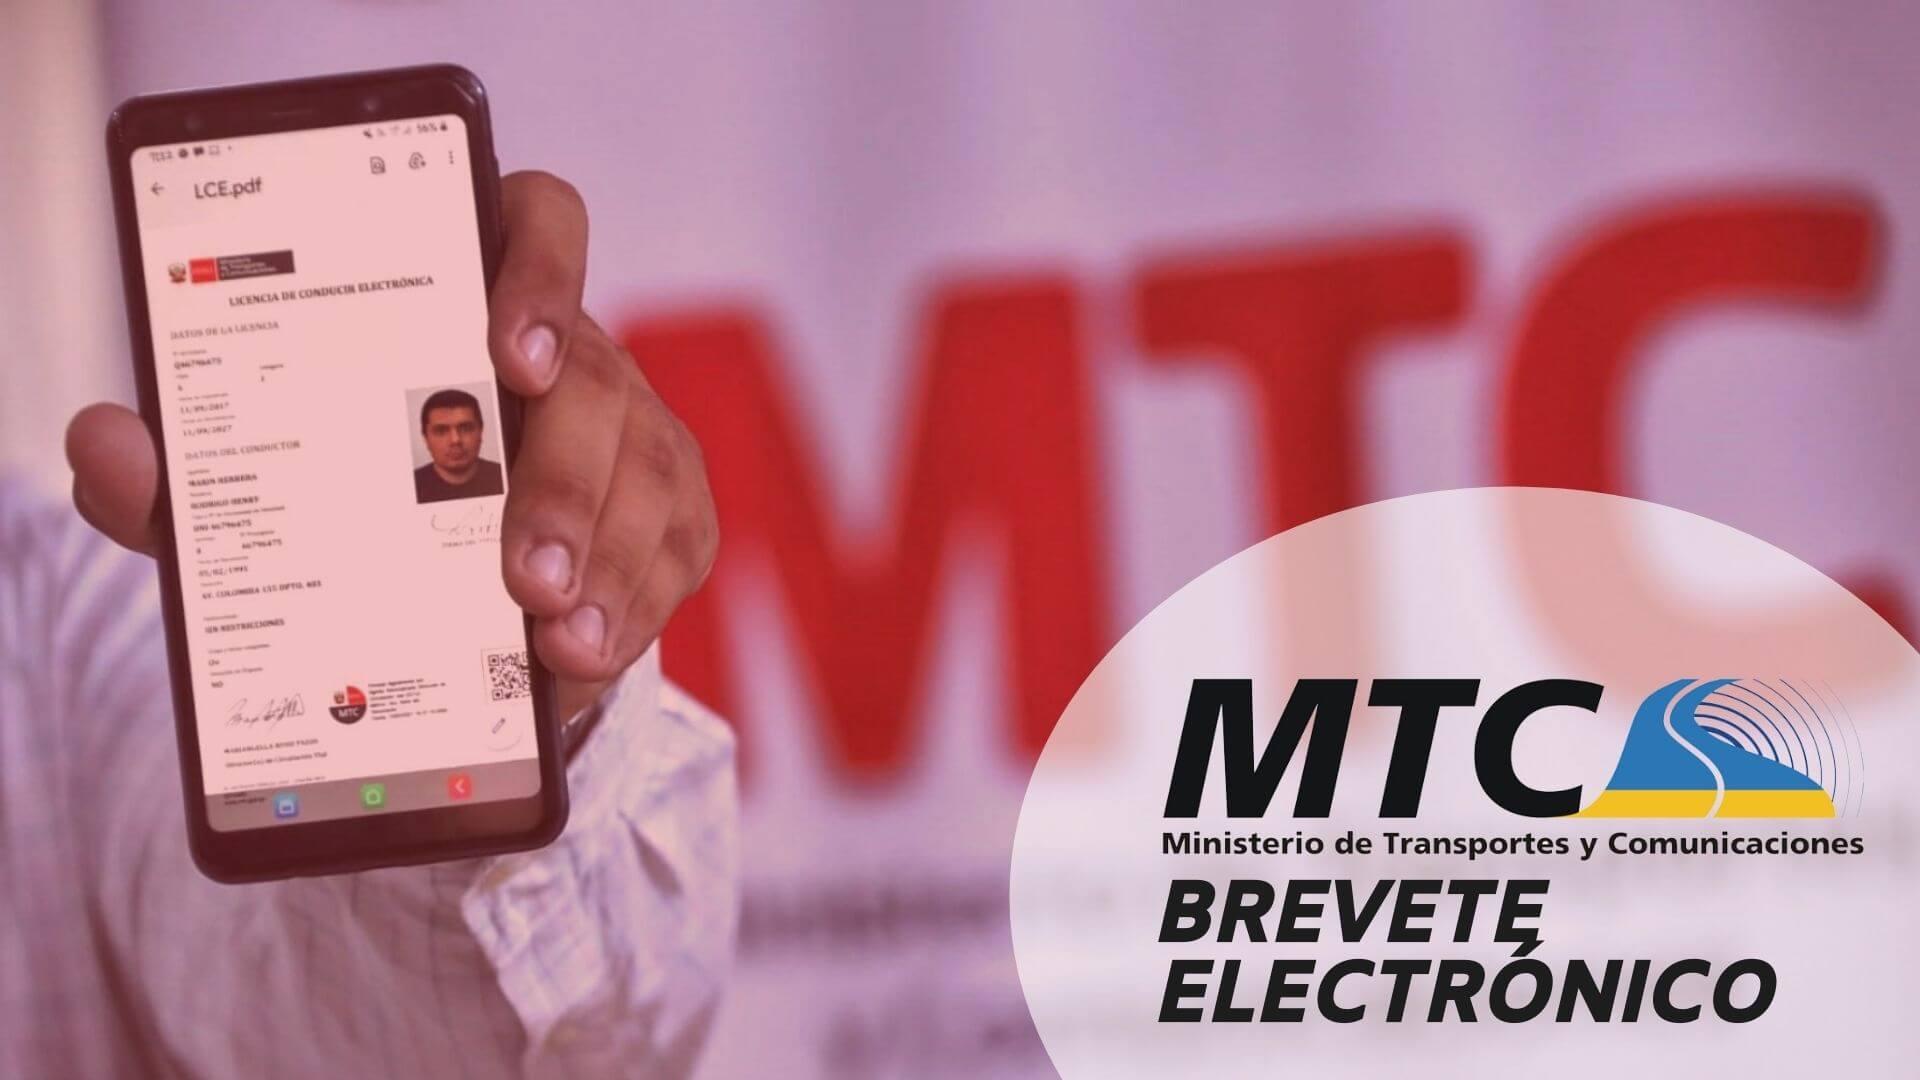 brevete-electronico-mtc